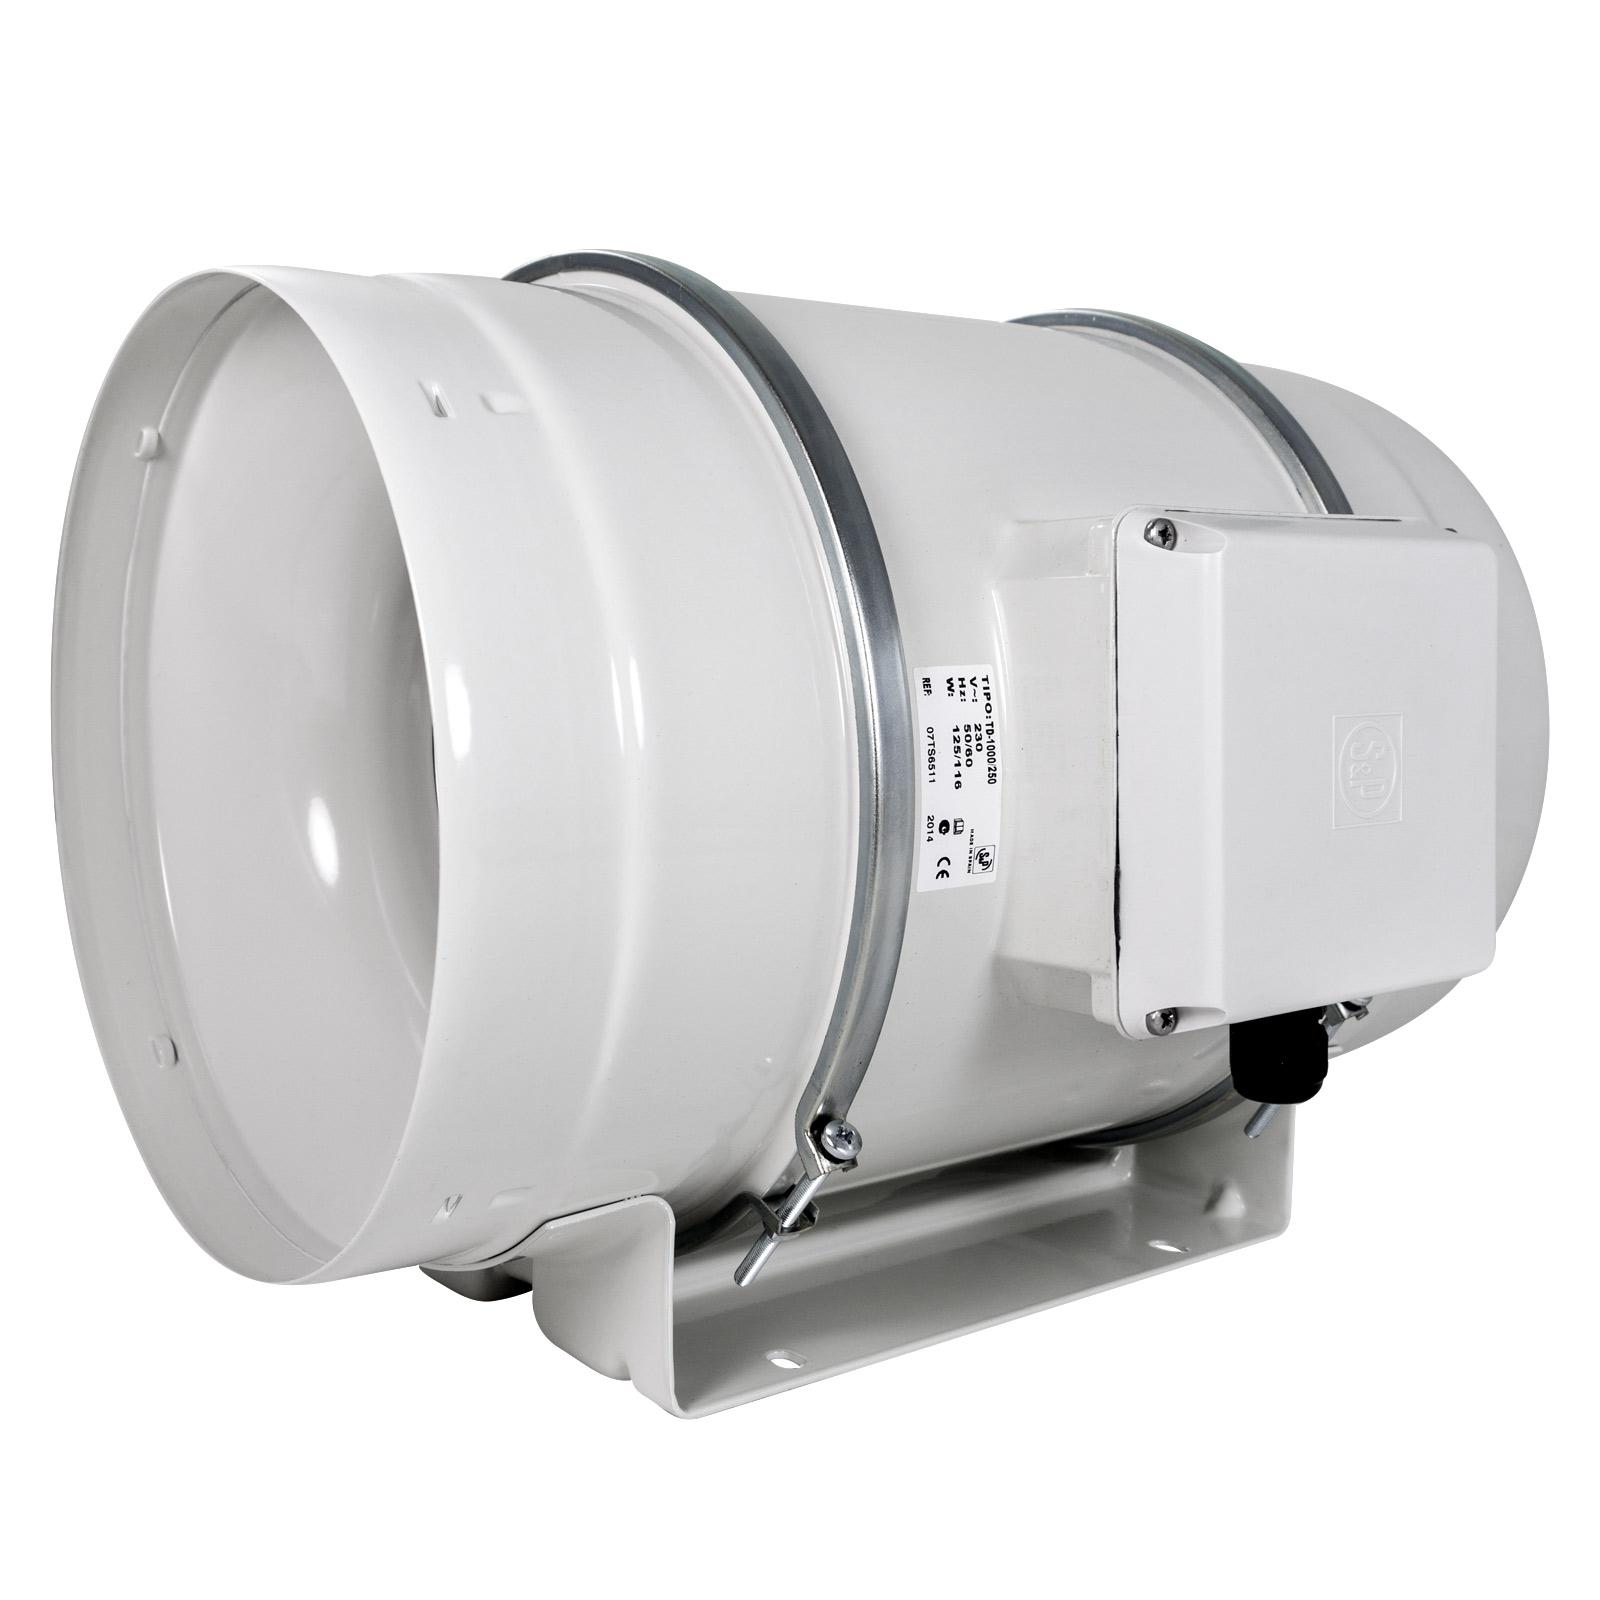 Exaustor p/Banheiro Helicocentrifugo InLine Mod: TD1300/250 S&P  - Nova Exaustores